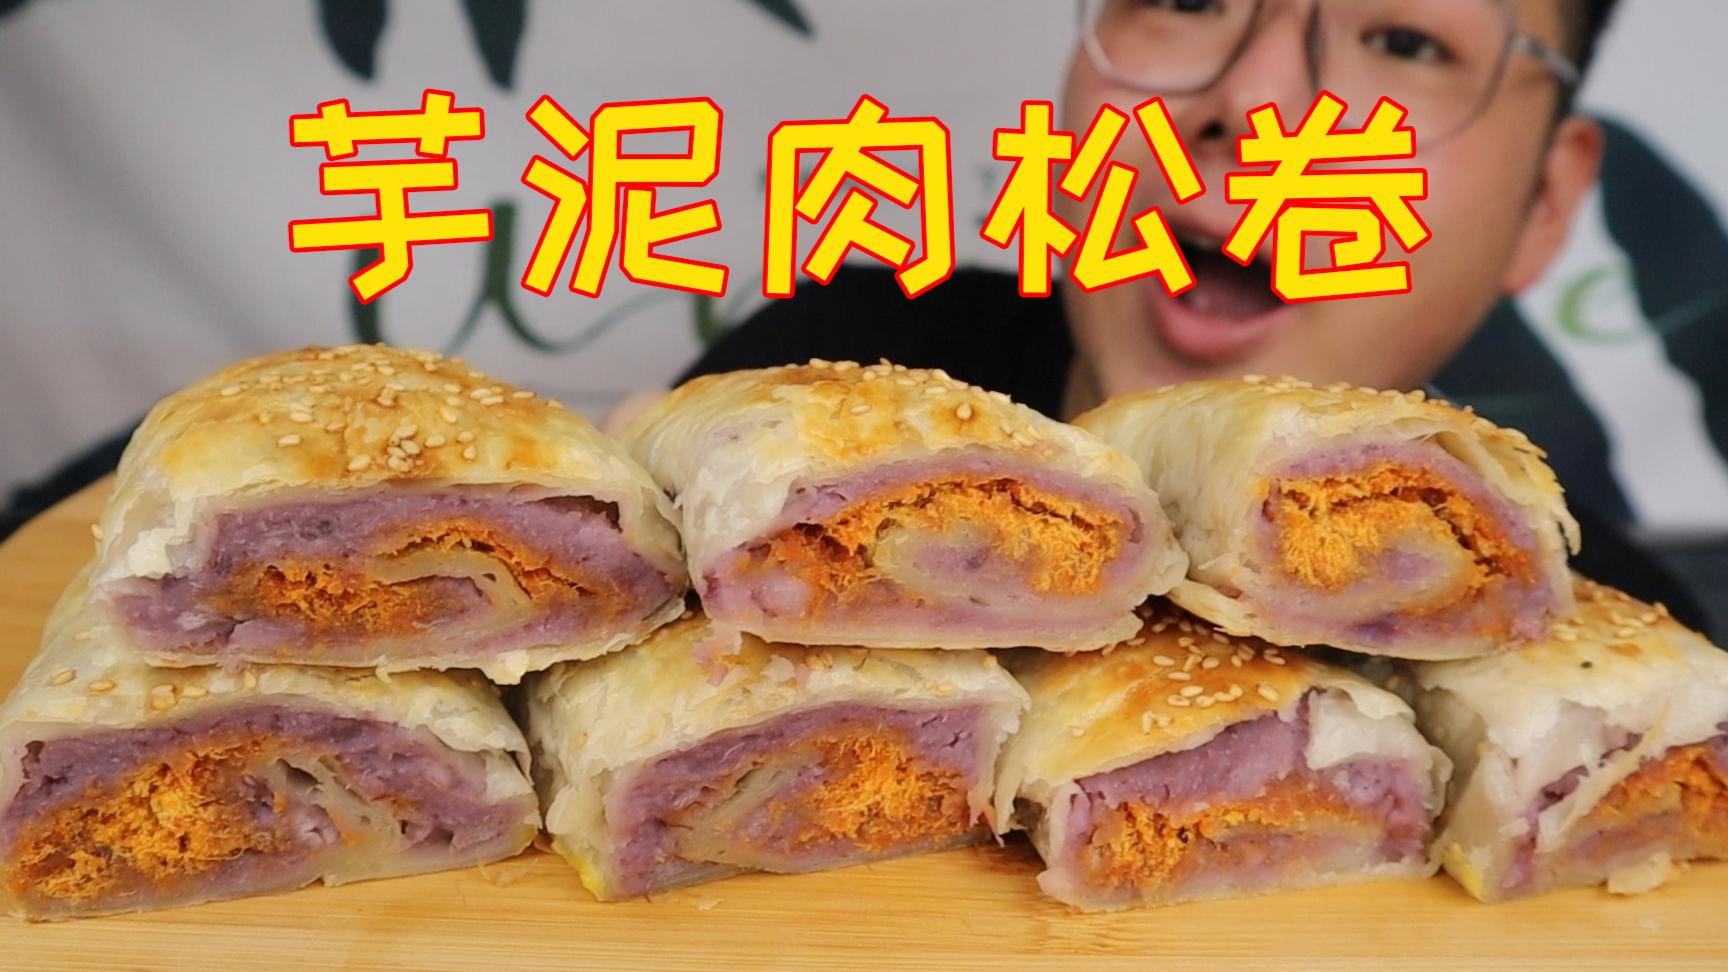 不用和面的芋泥肉松卷你吃过吗?酥脆香甜,超好吃!